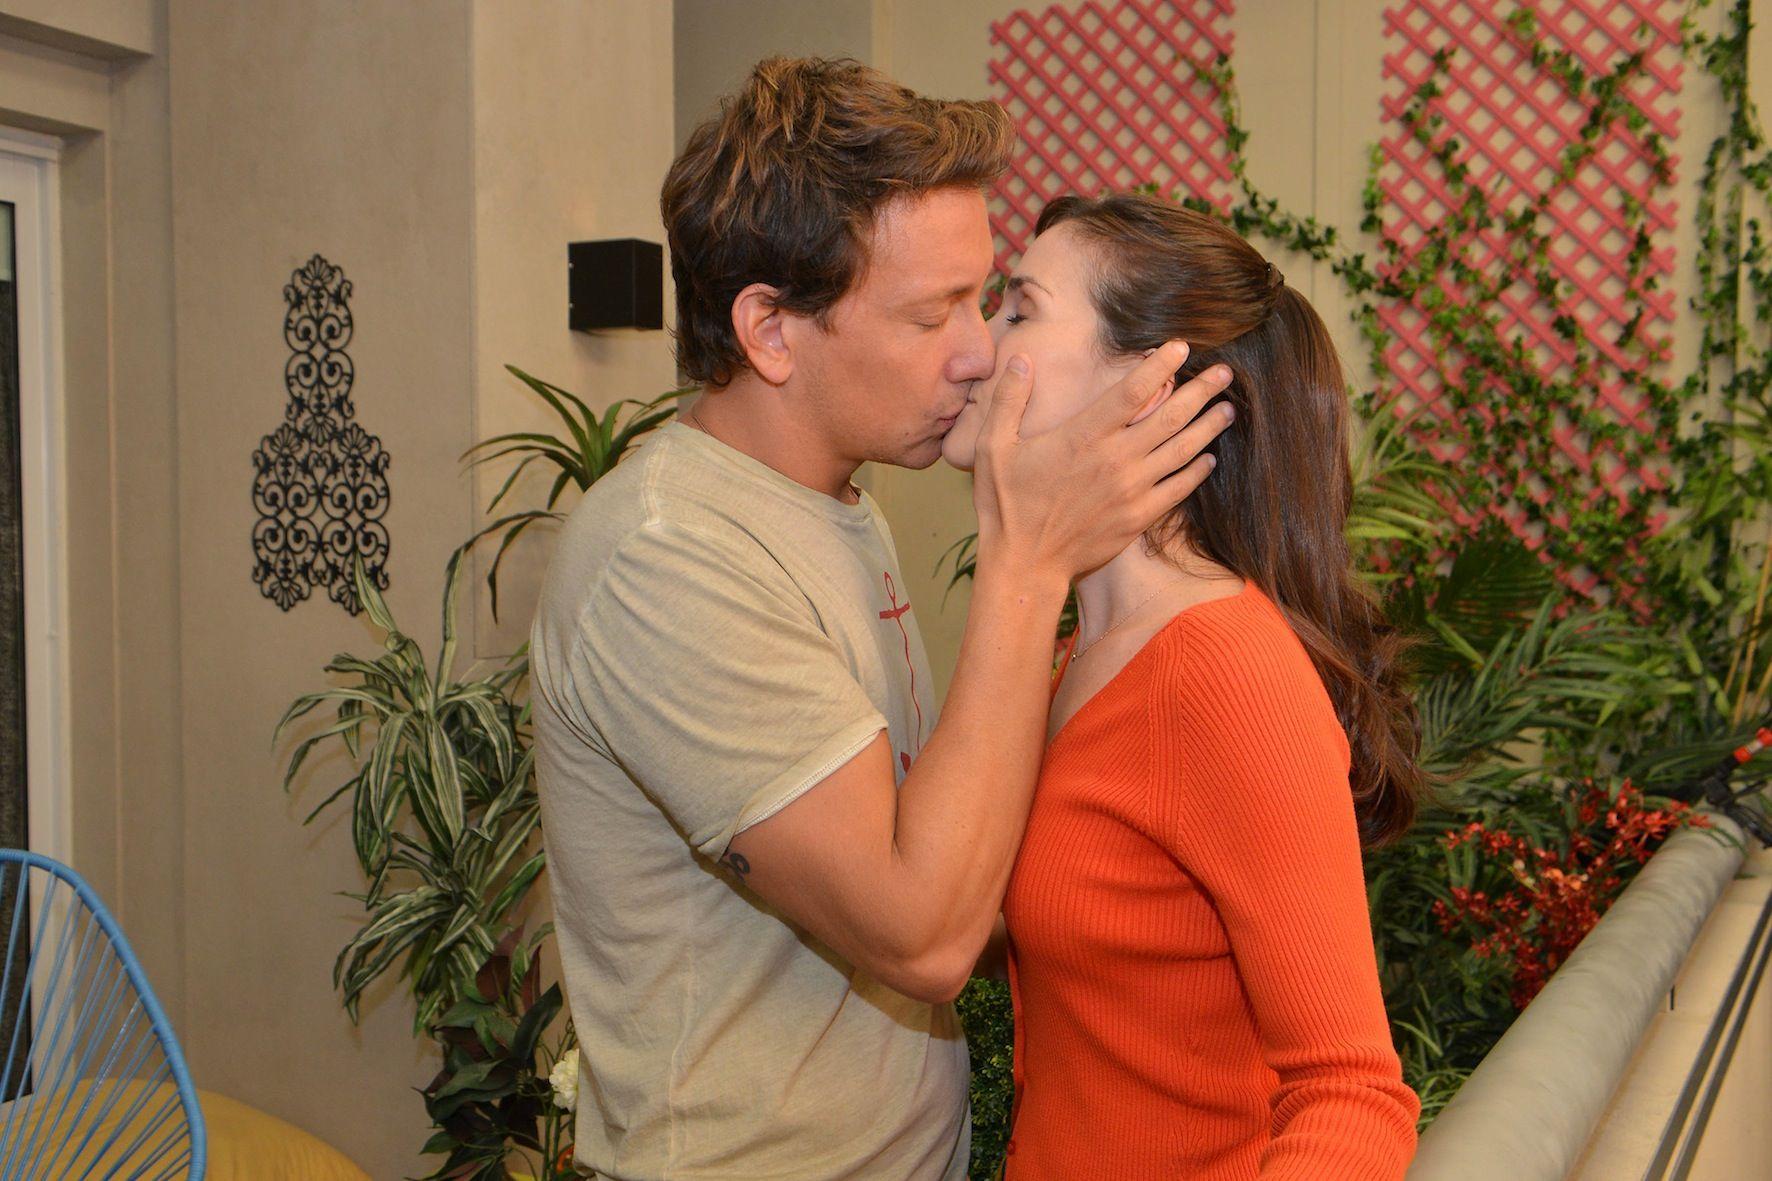 El apasionado beso de Nicolás Vázquez y Natalia Oreiro en Solamente vos